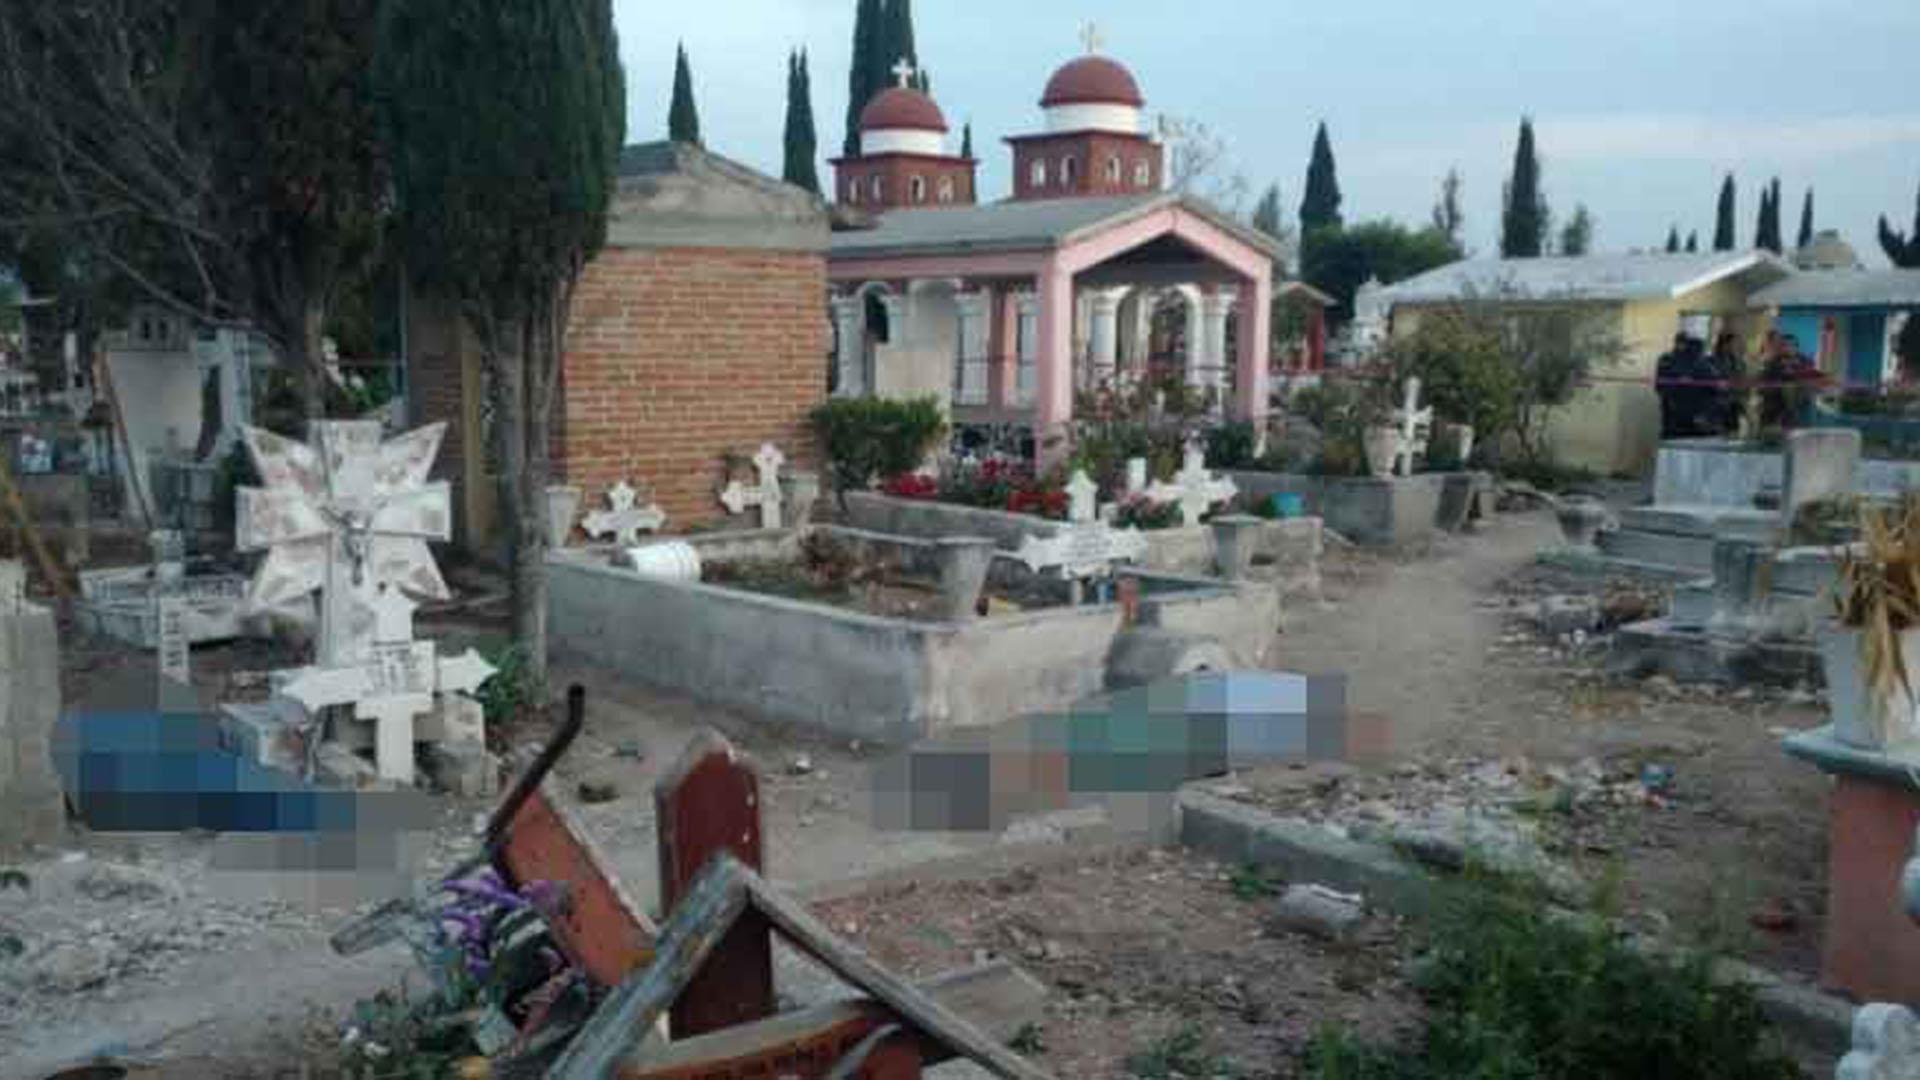 """Las víctimas del ataque quedaron tendidas alrededor de la tumba donde """"celebraban"""" el cumpleaños de un muerto. (Foto: Especial)"""